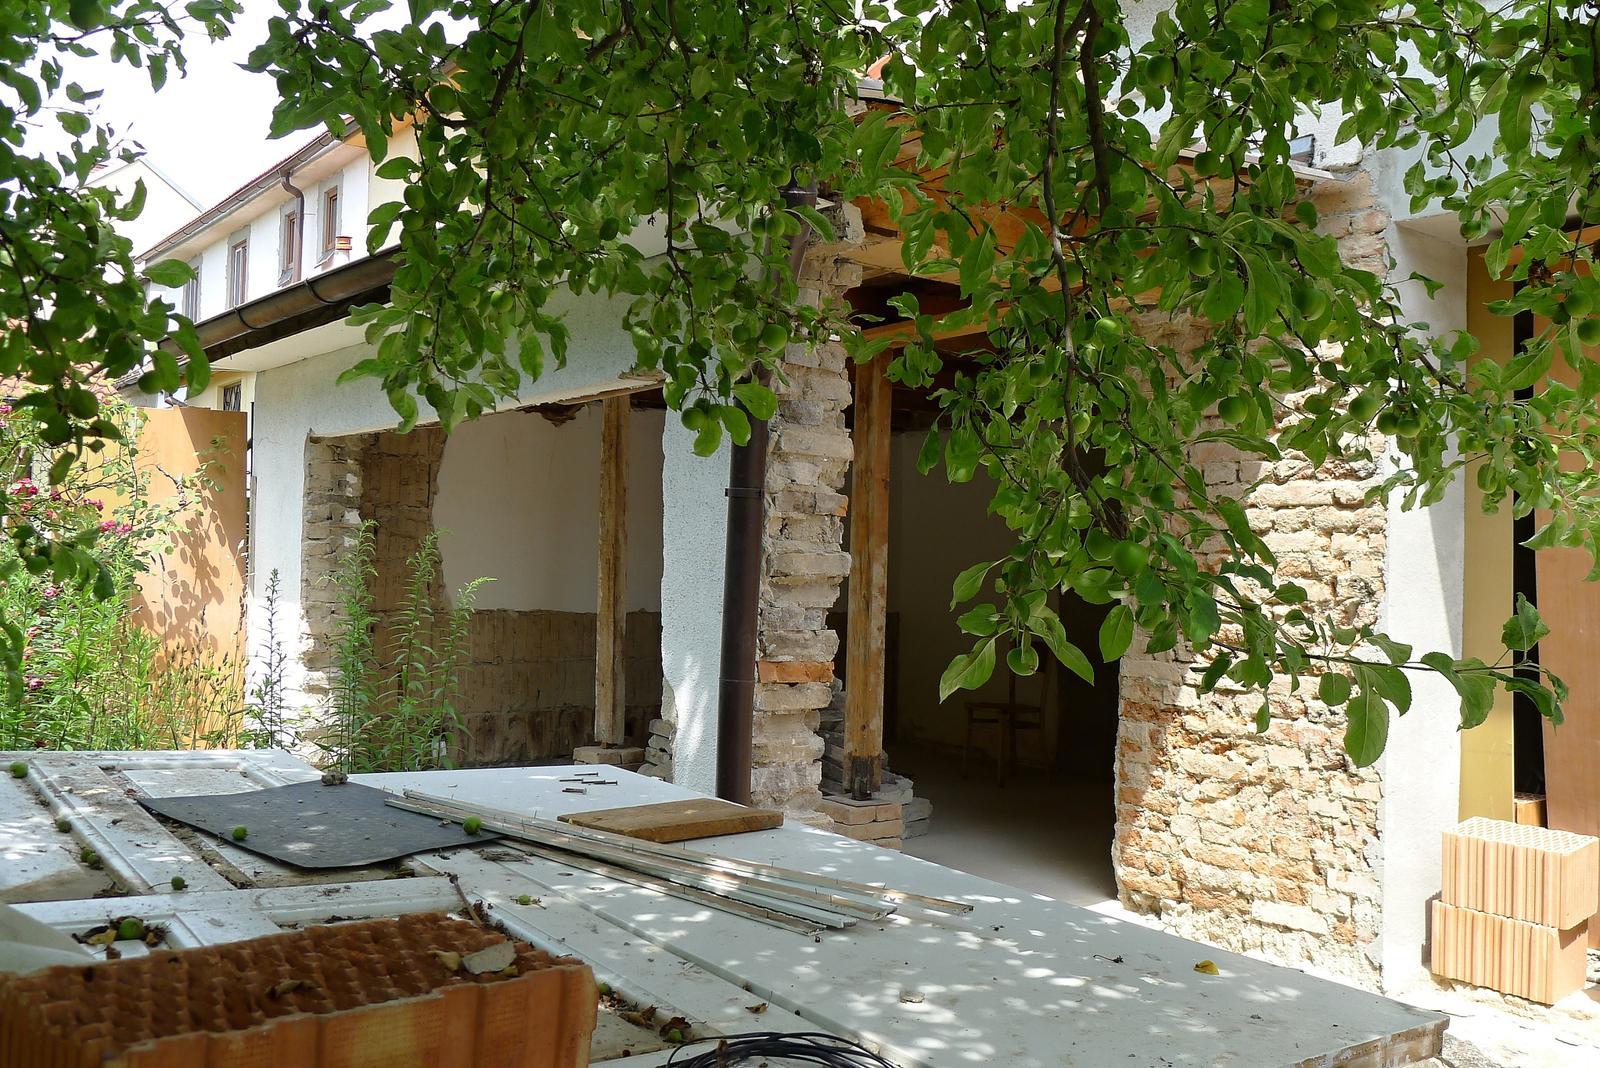 Rekonstrukce našeho domečku - Obrázek č. 48